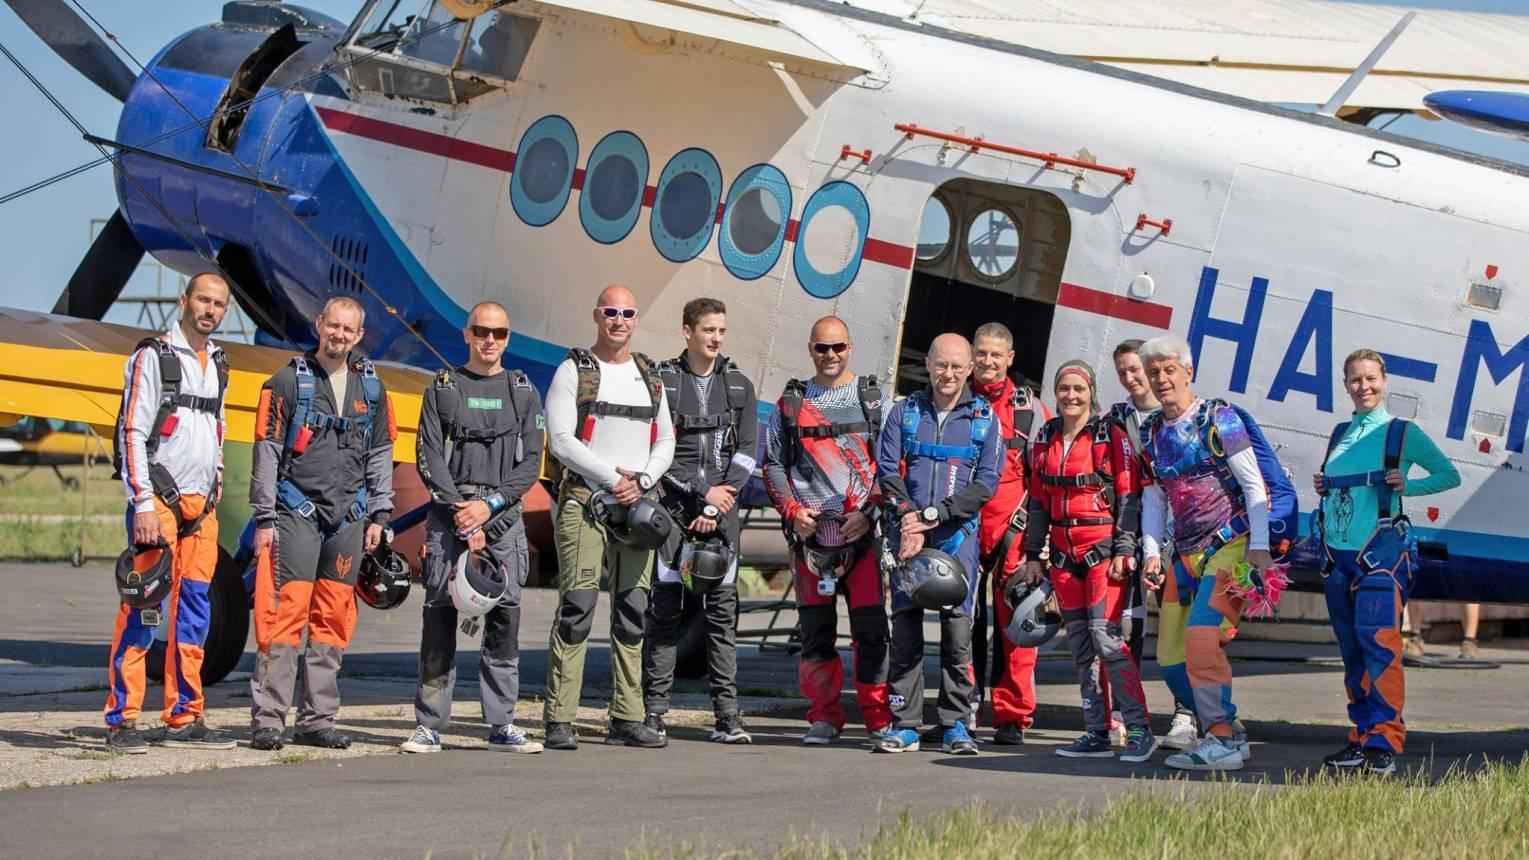 Tandemugrás Kaposvár mellett 4000 méterről AN-2 repülőgépből